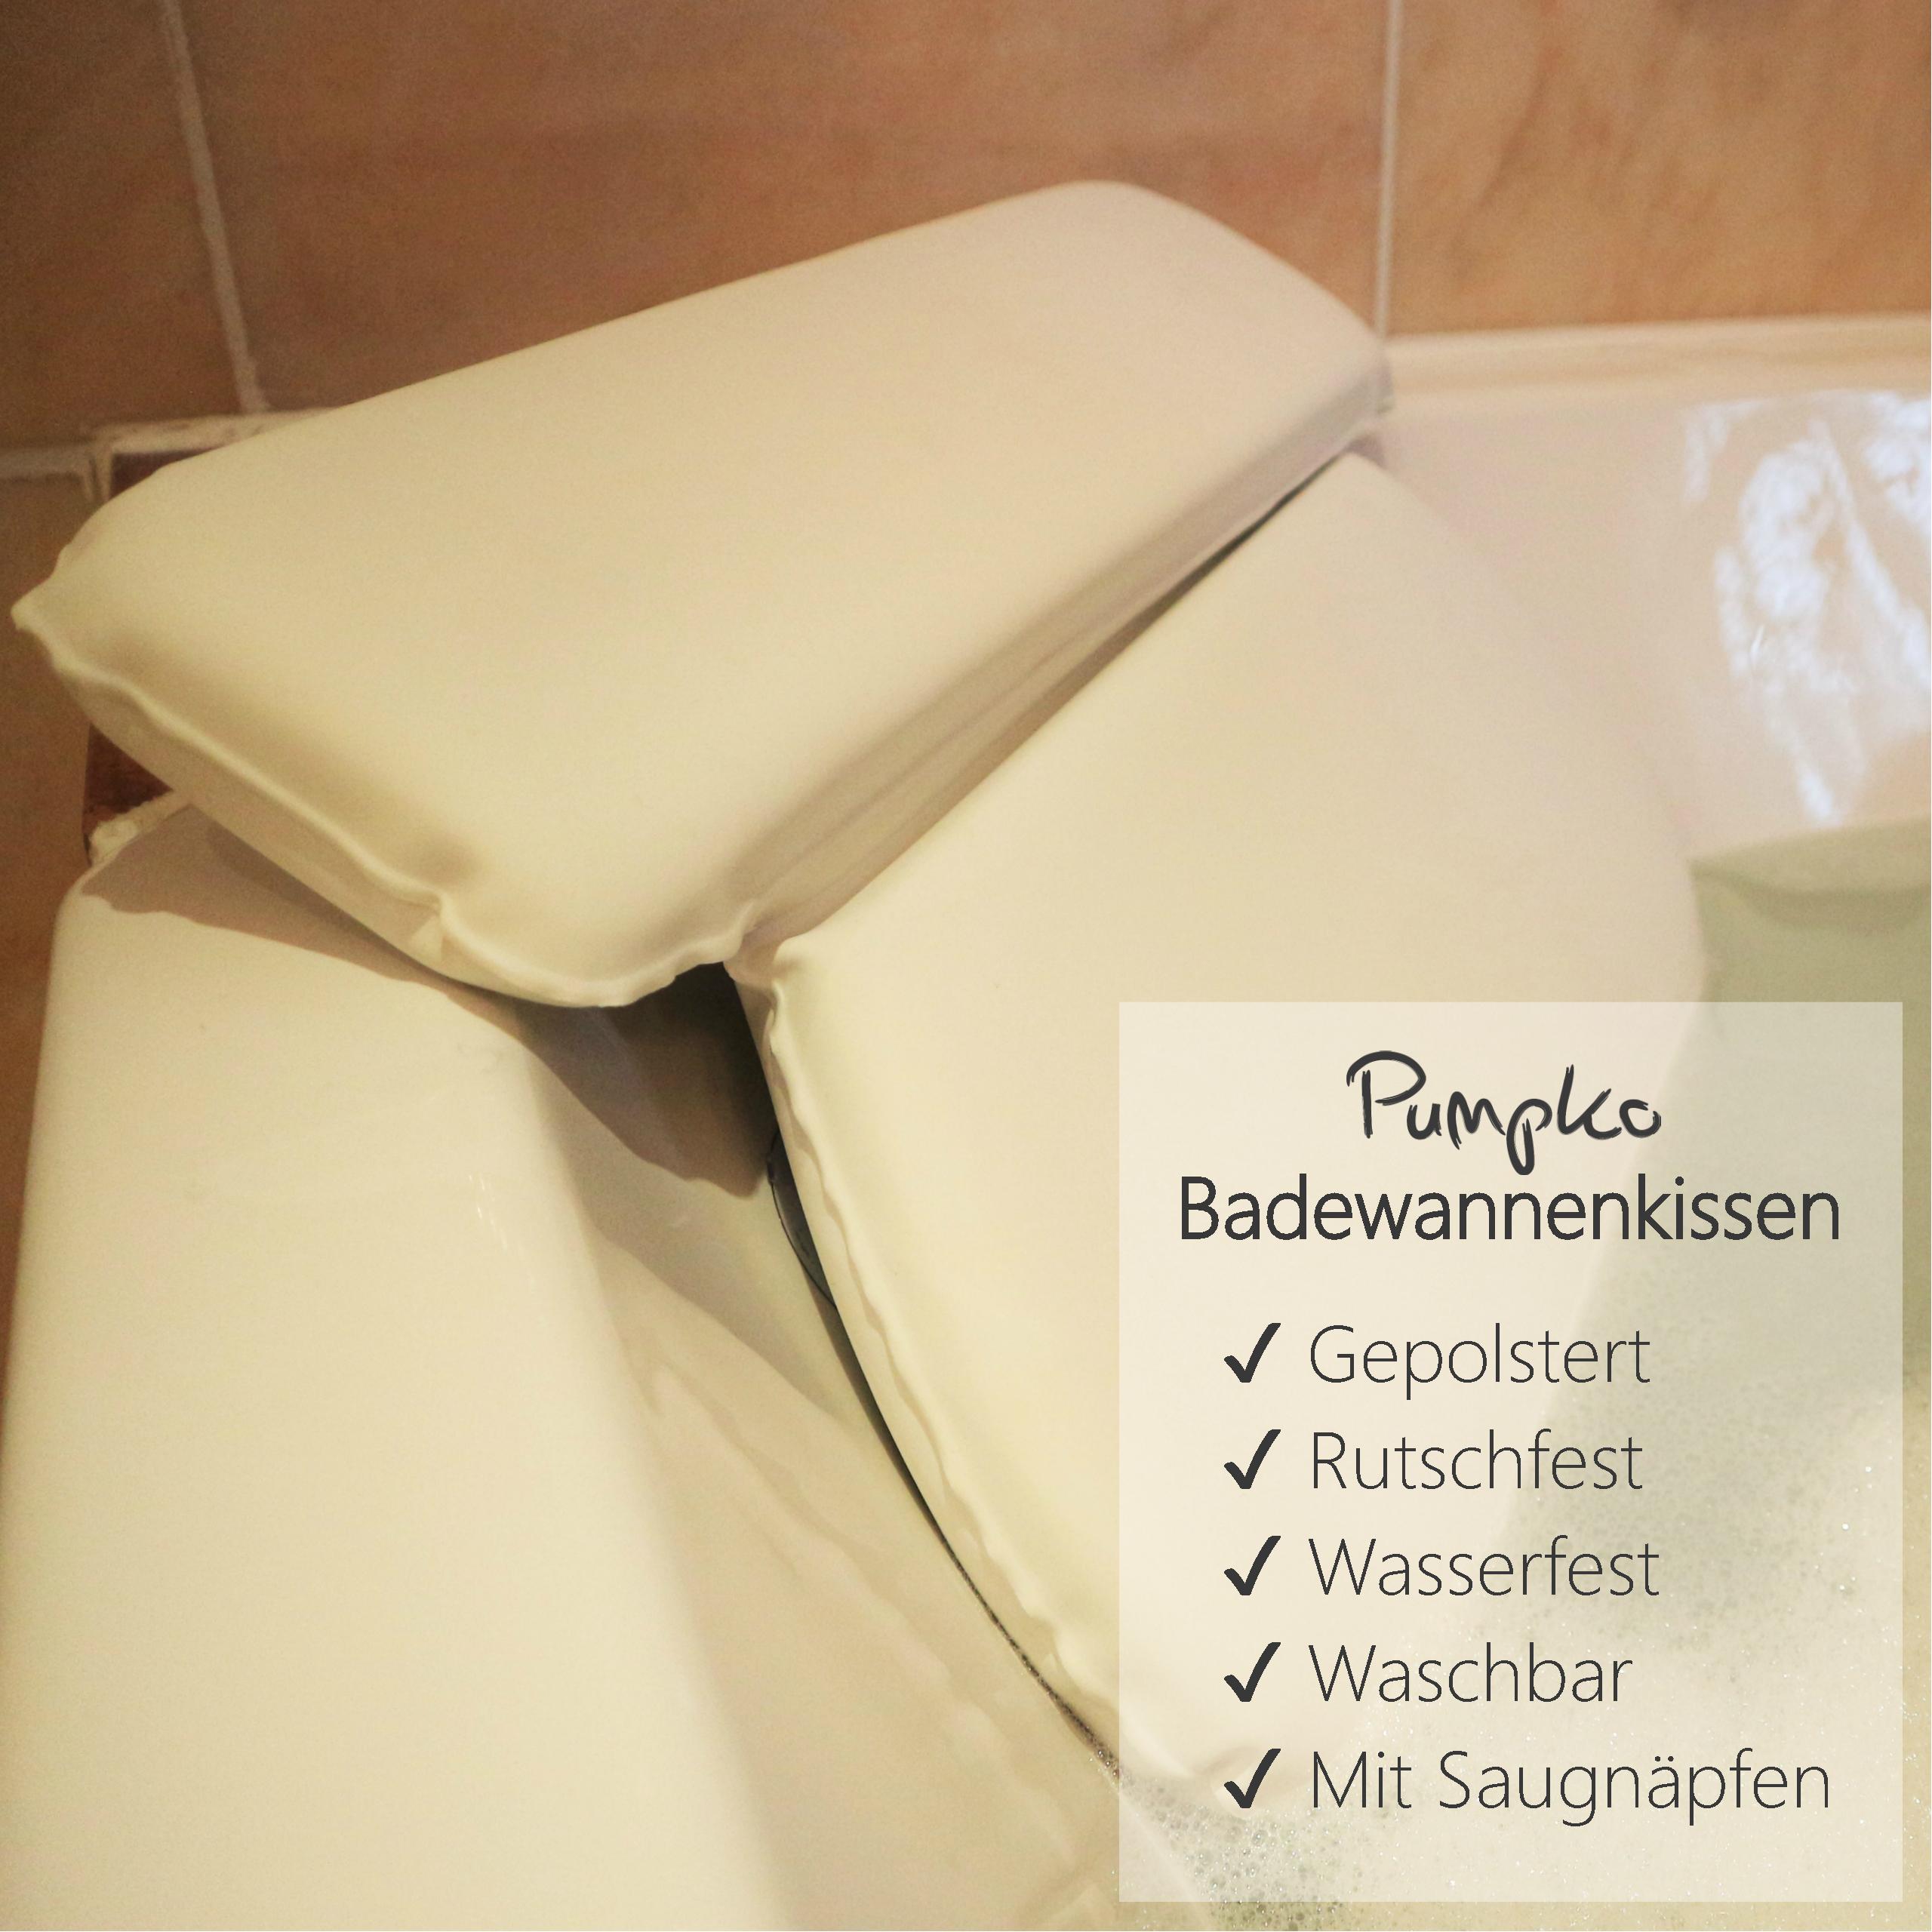 Badewannenkissen Bade Kissen mit Saugnäpfen Spa Halt für Nacken Schultern